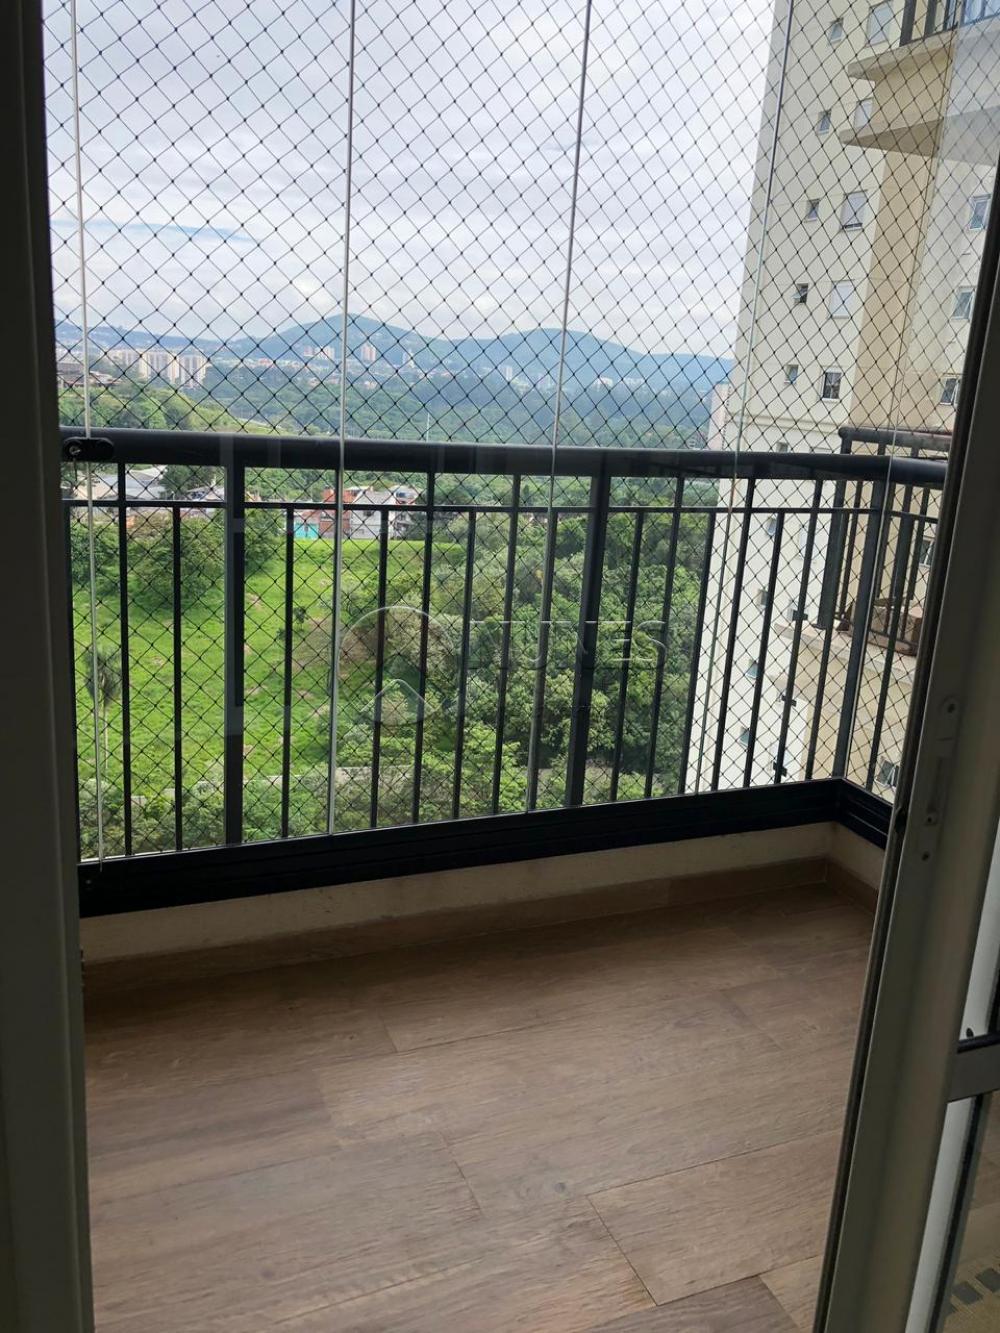 Comprar Apartamento / Padrão em Barueri apenas R$ 520.000,00 - Foto 10